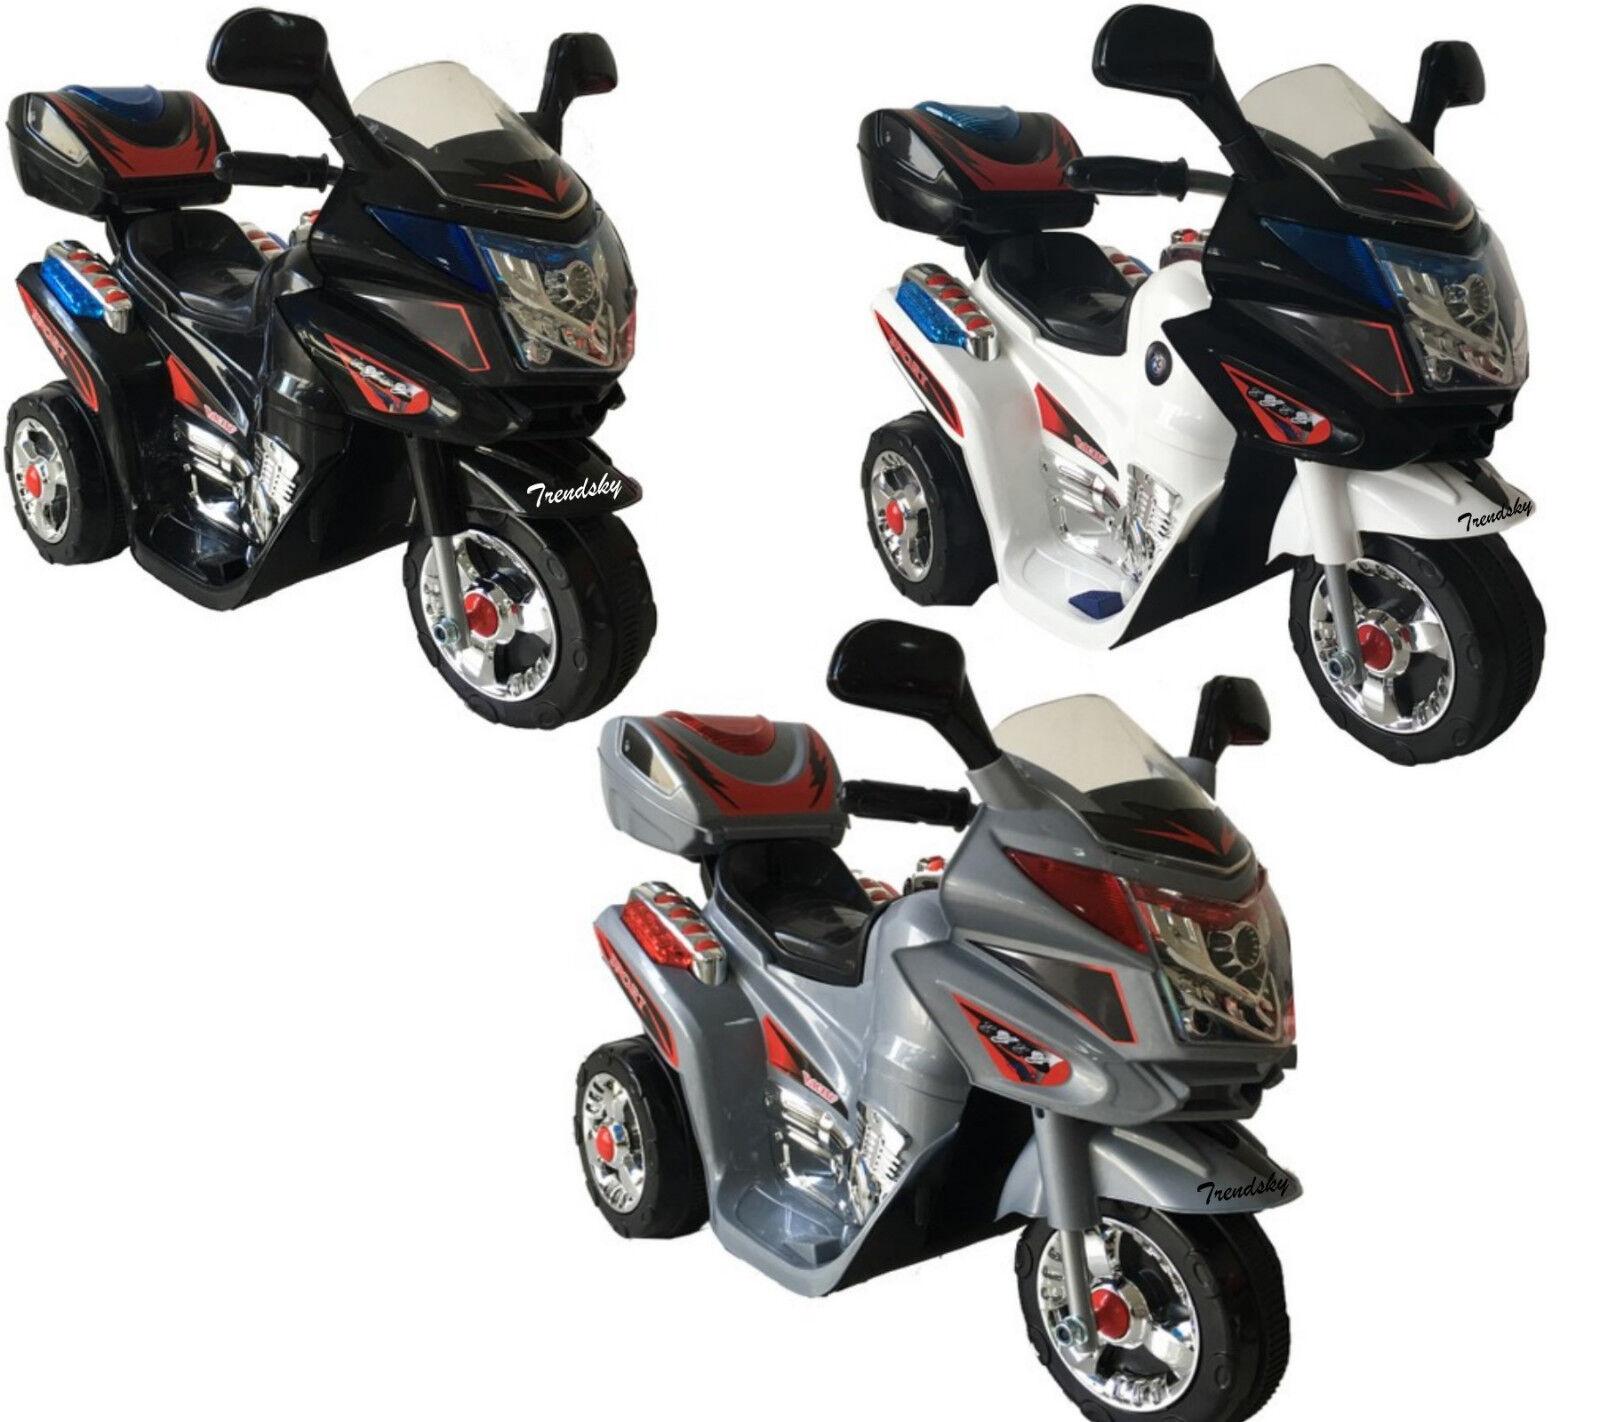 Polizei Kinder Elektro Motorrad Kindermotorrad Akku Elektromotorrad Fahrzeug NEU